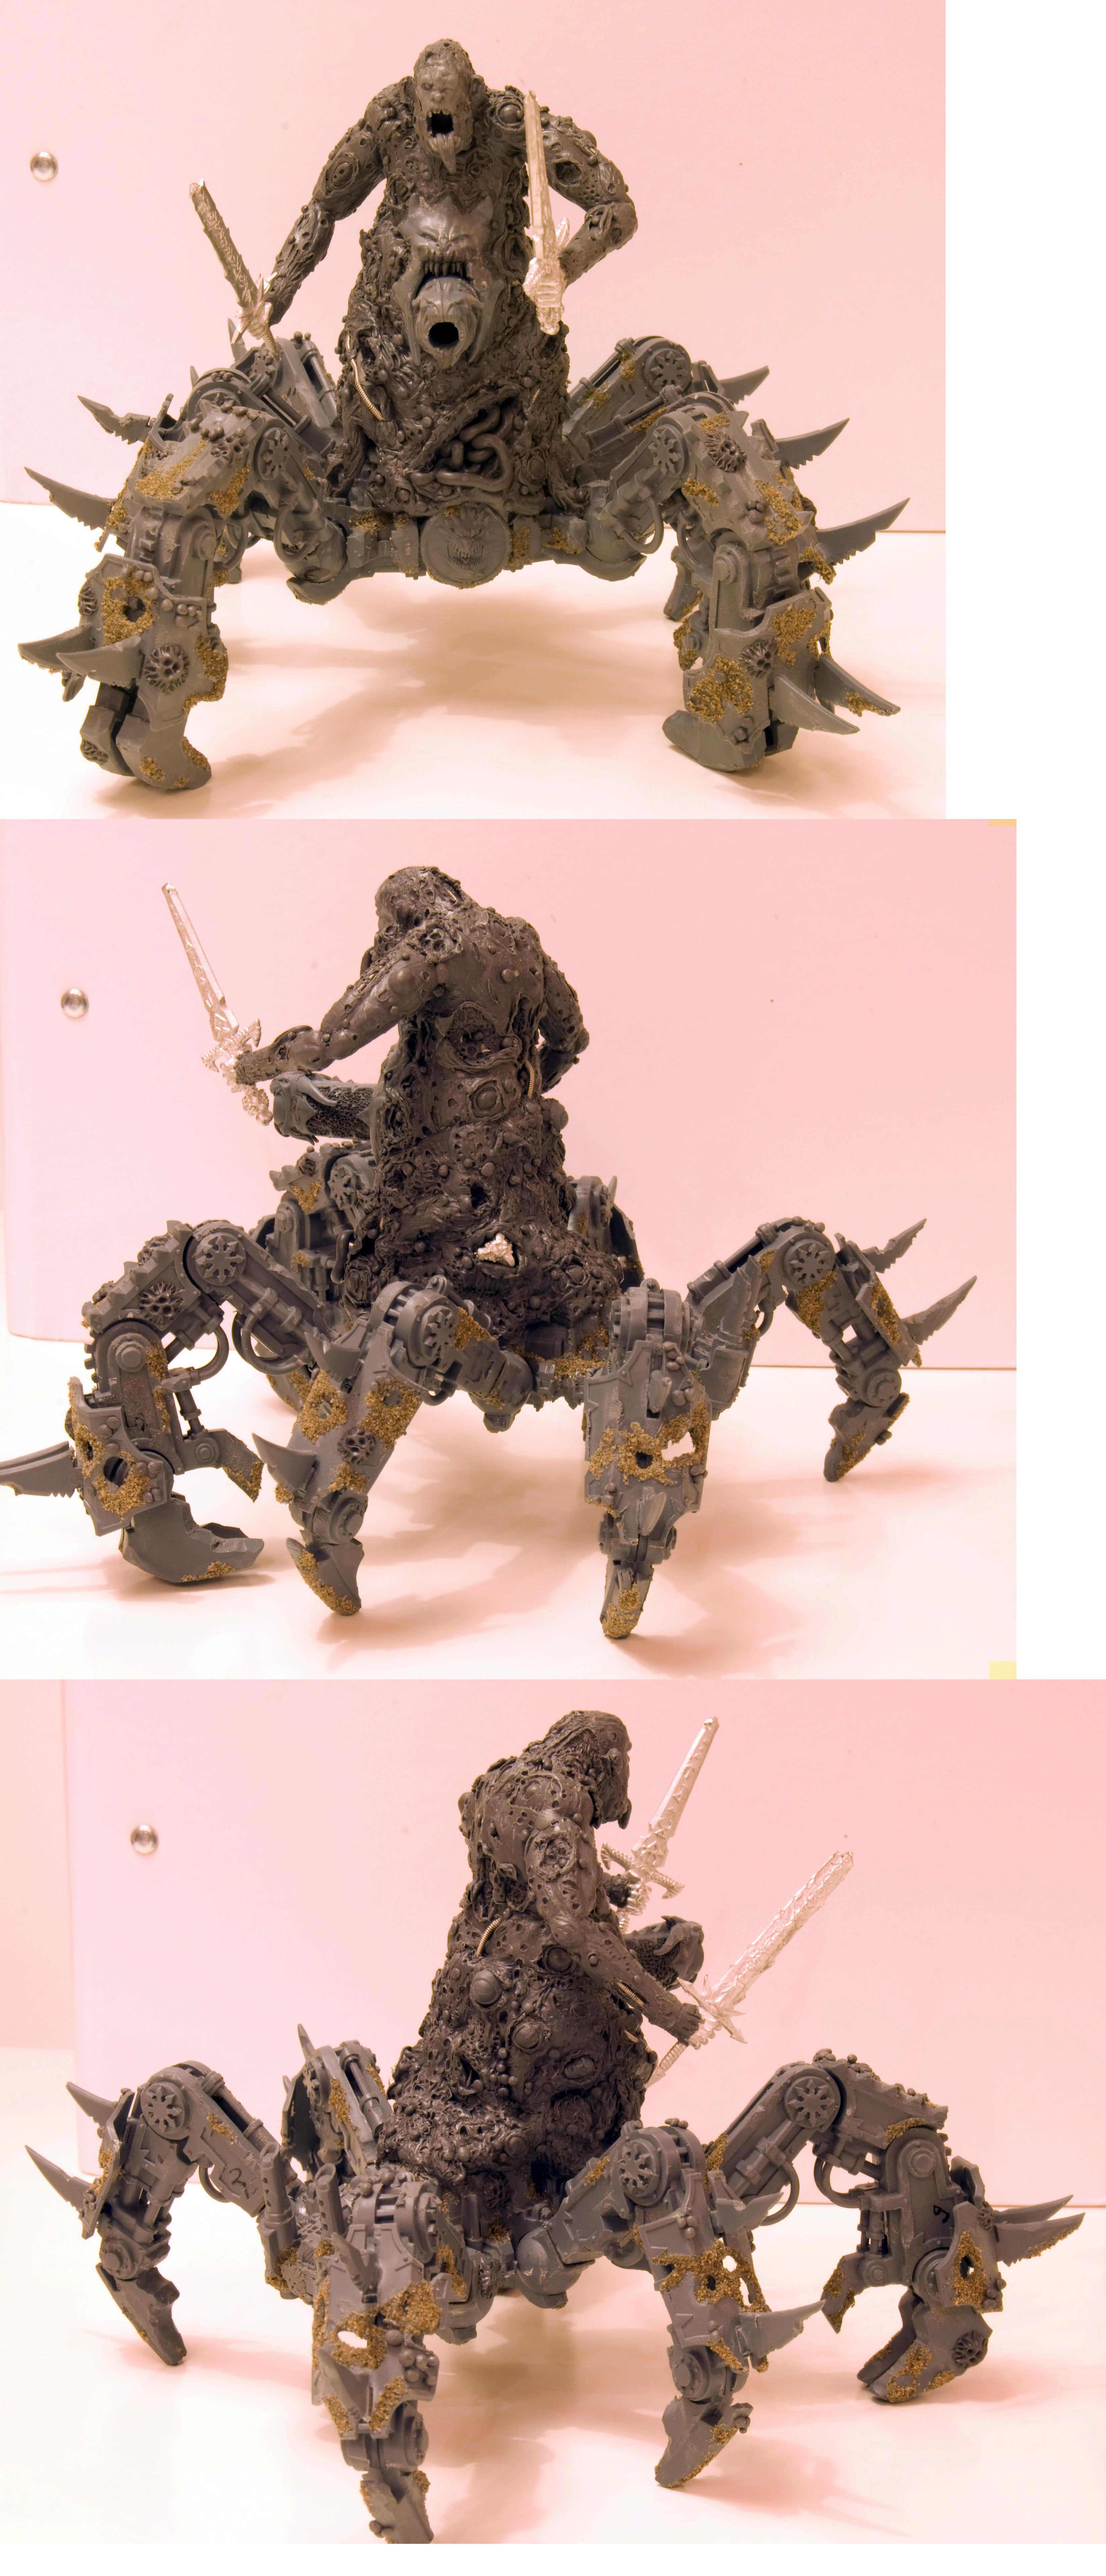 11 - Sculpt ready